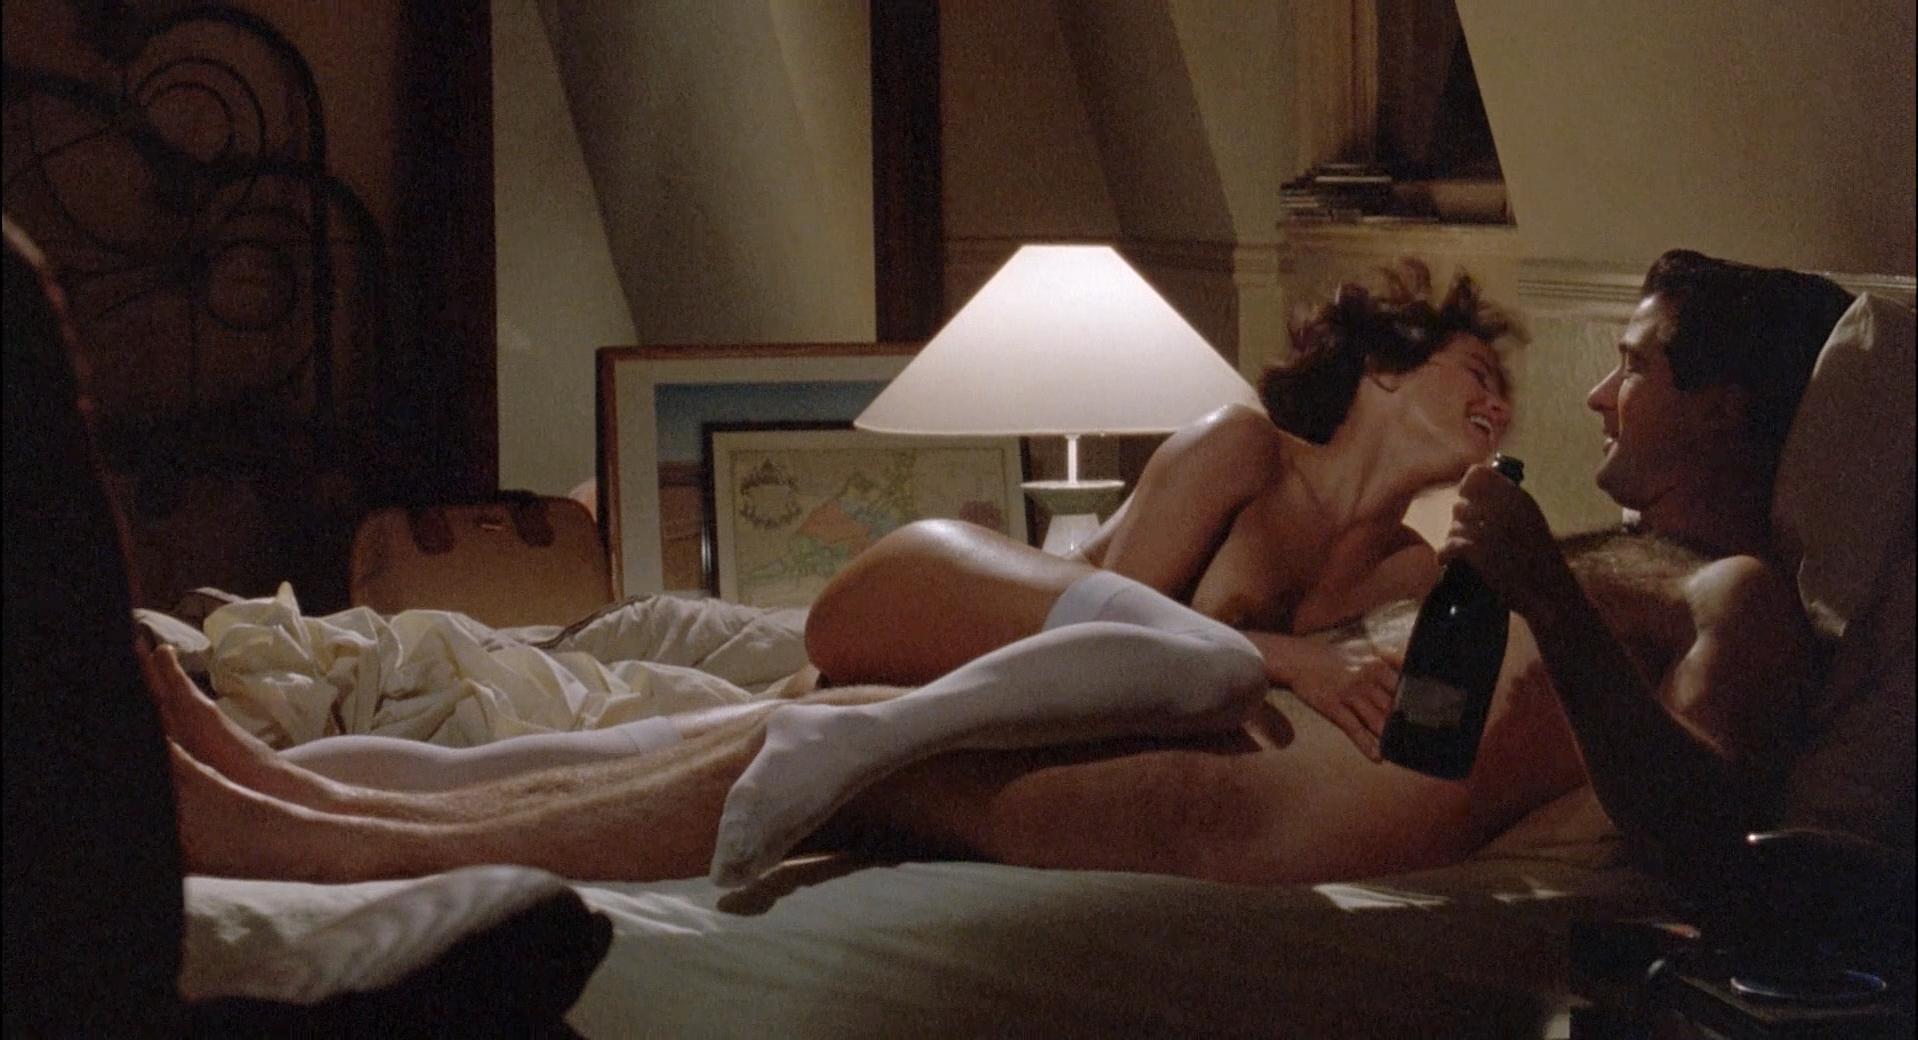 Nicole Kidman nude, Debrah Farentino nude - Malice (1993)